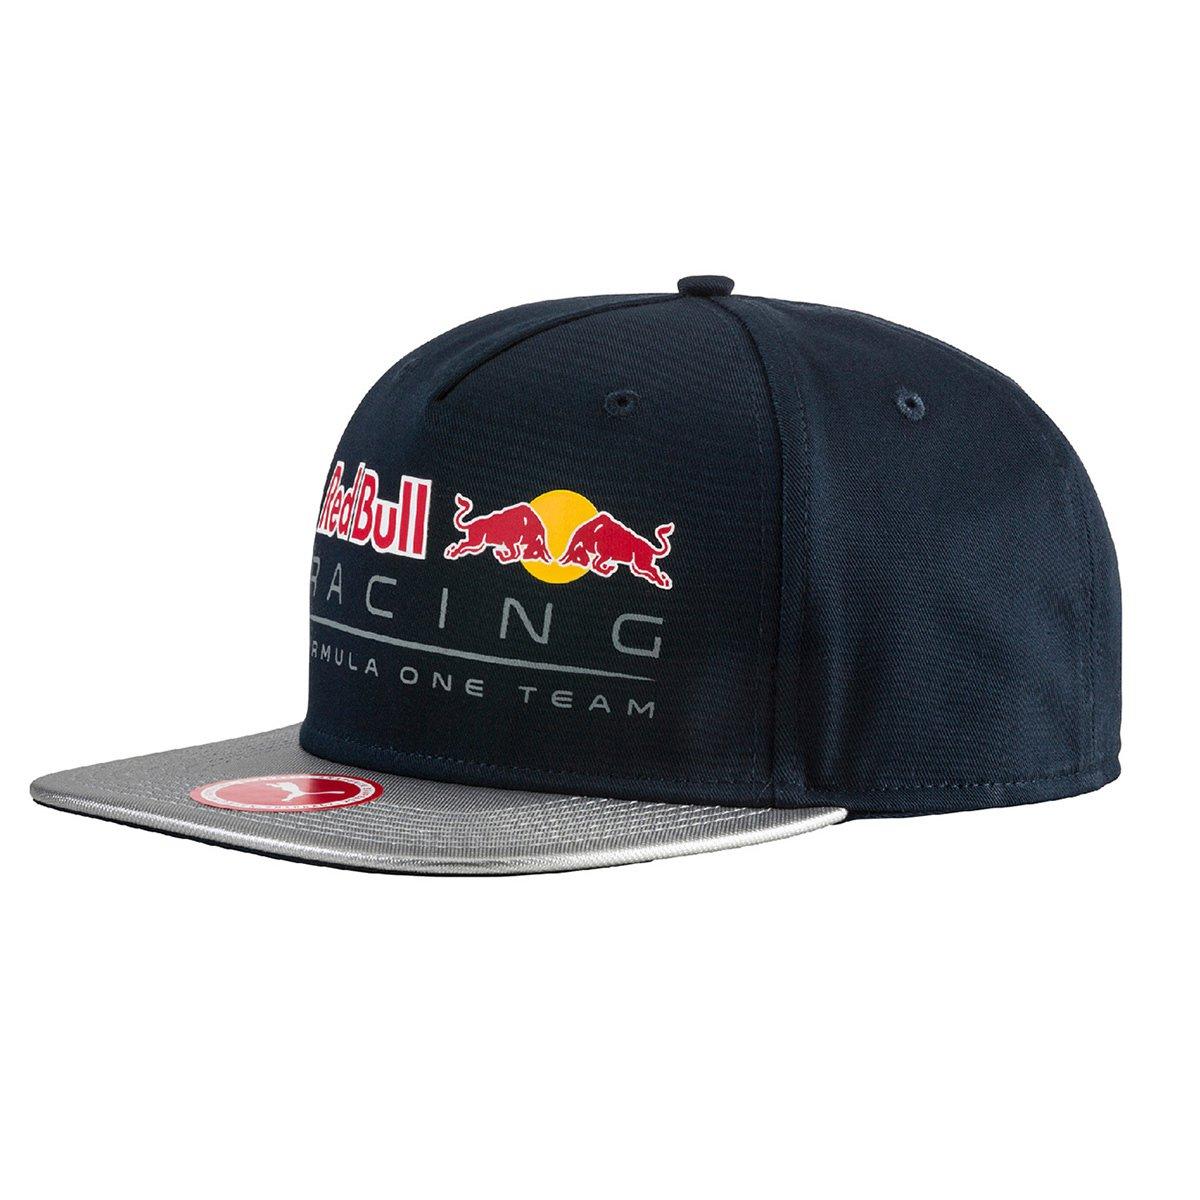 a2eff72f689b3 Boné Puma New Block Red Bull Racing - Marinho e Cinza - Compre Agora ...